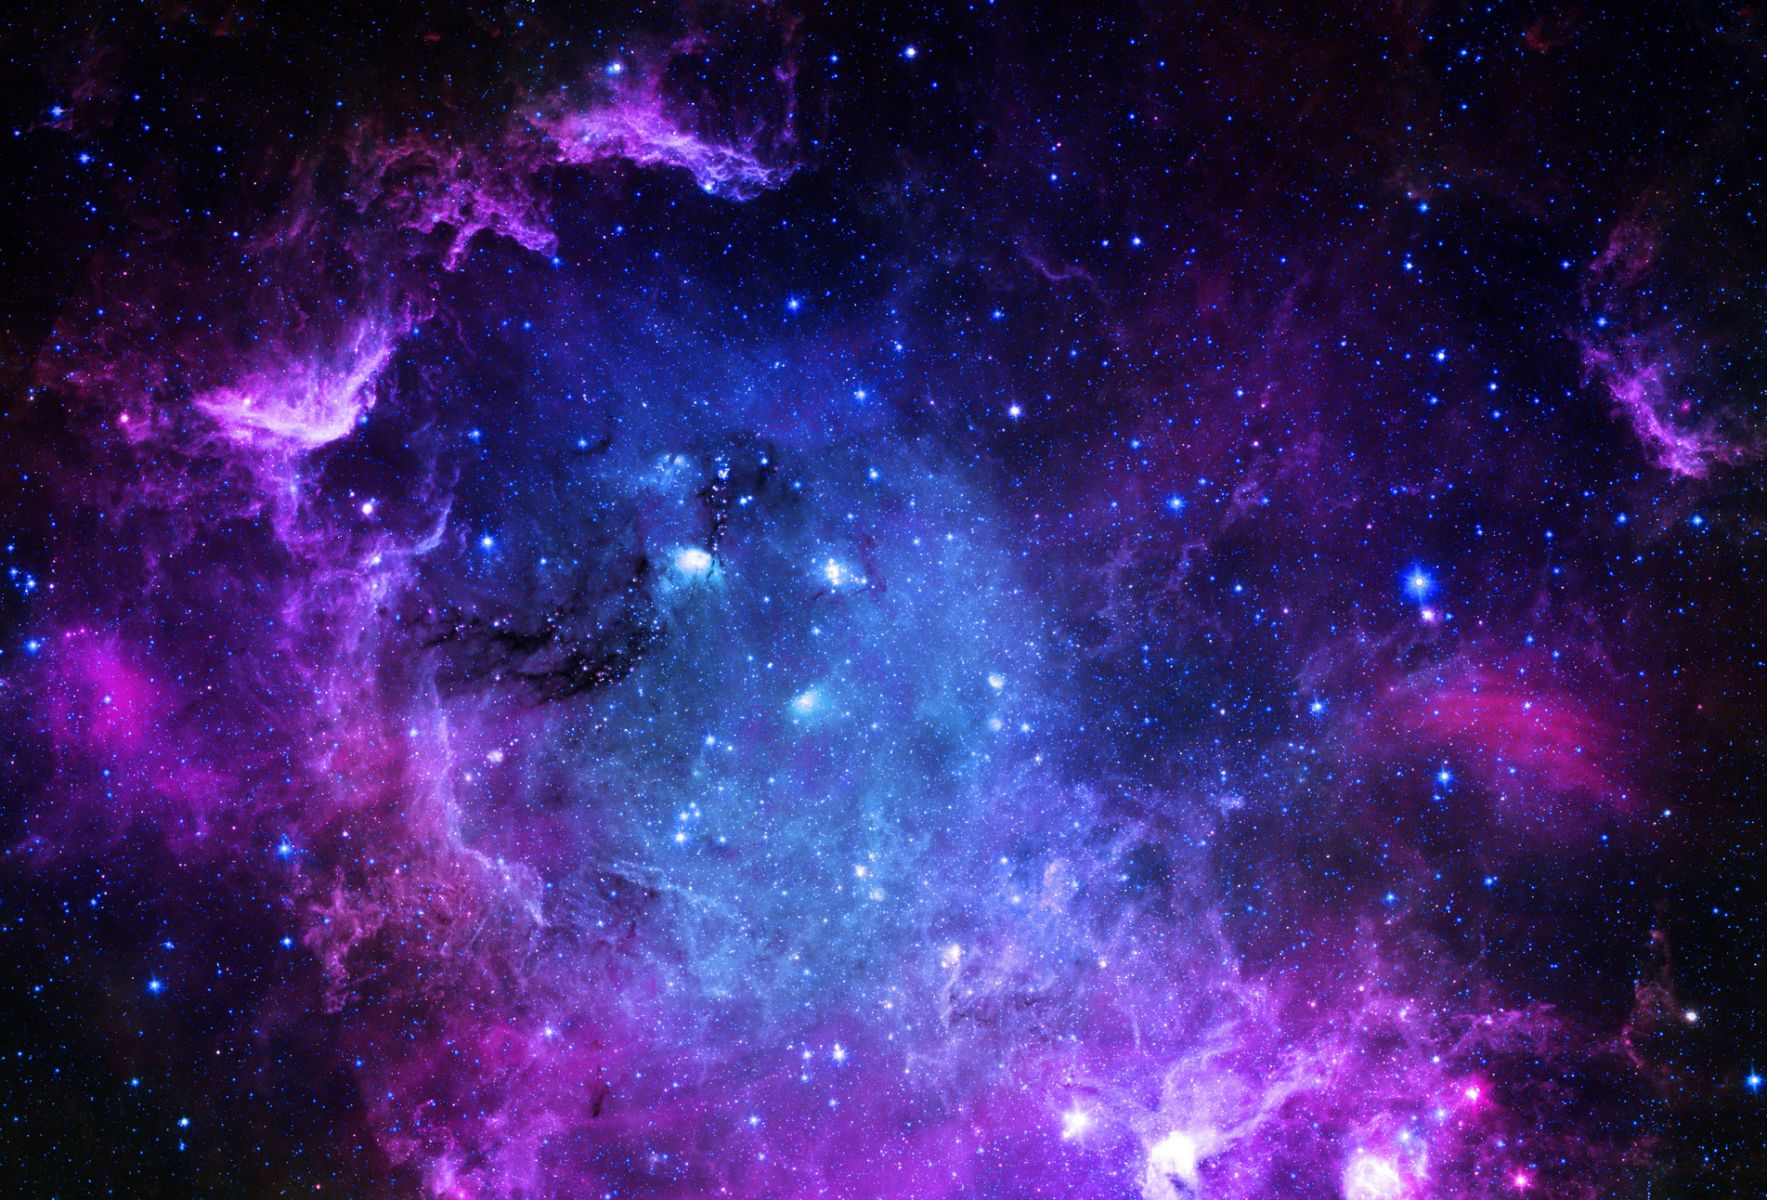 宇宙  是爲了人類生存而被創造的(下)